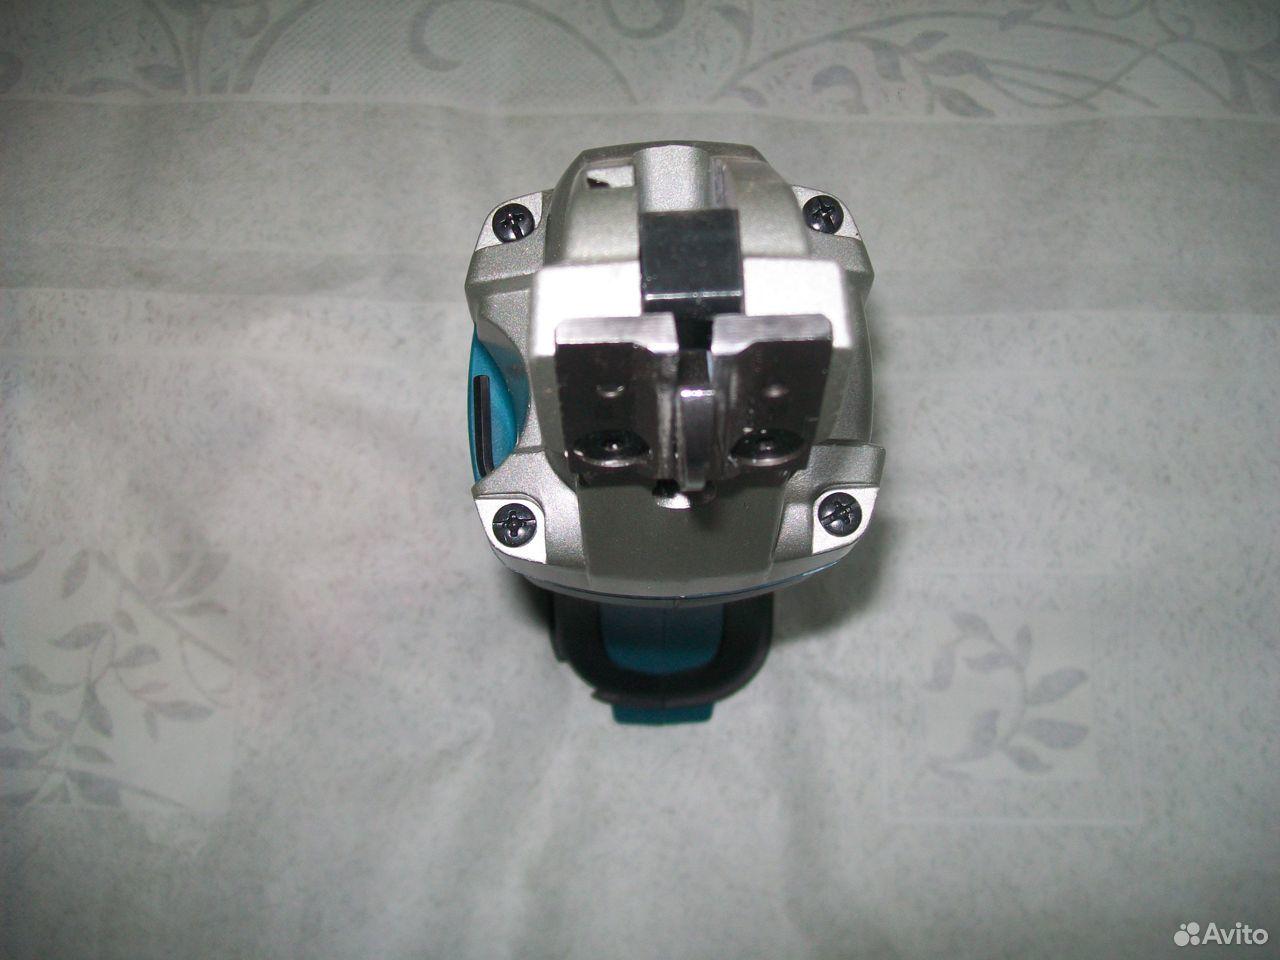 Аккумуляторные шлицевые ножницы по металлу Makita  89048637173 купить 7